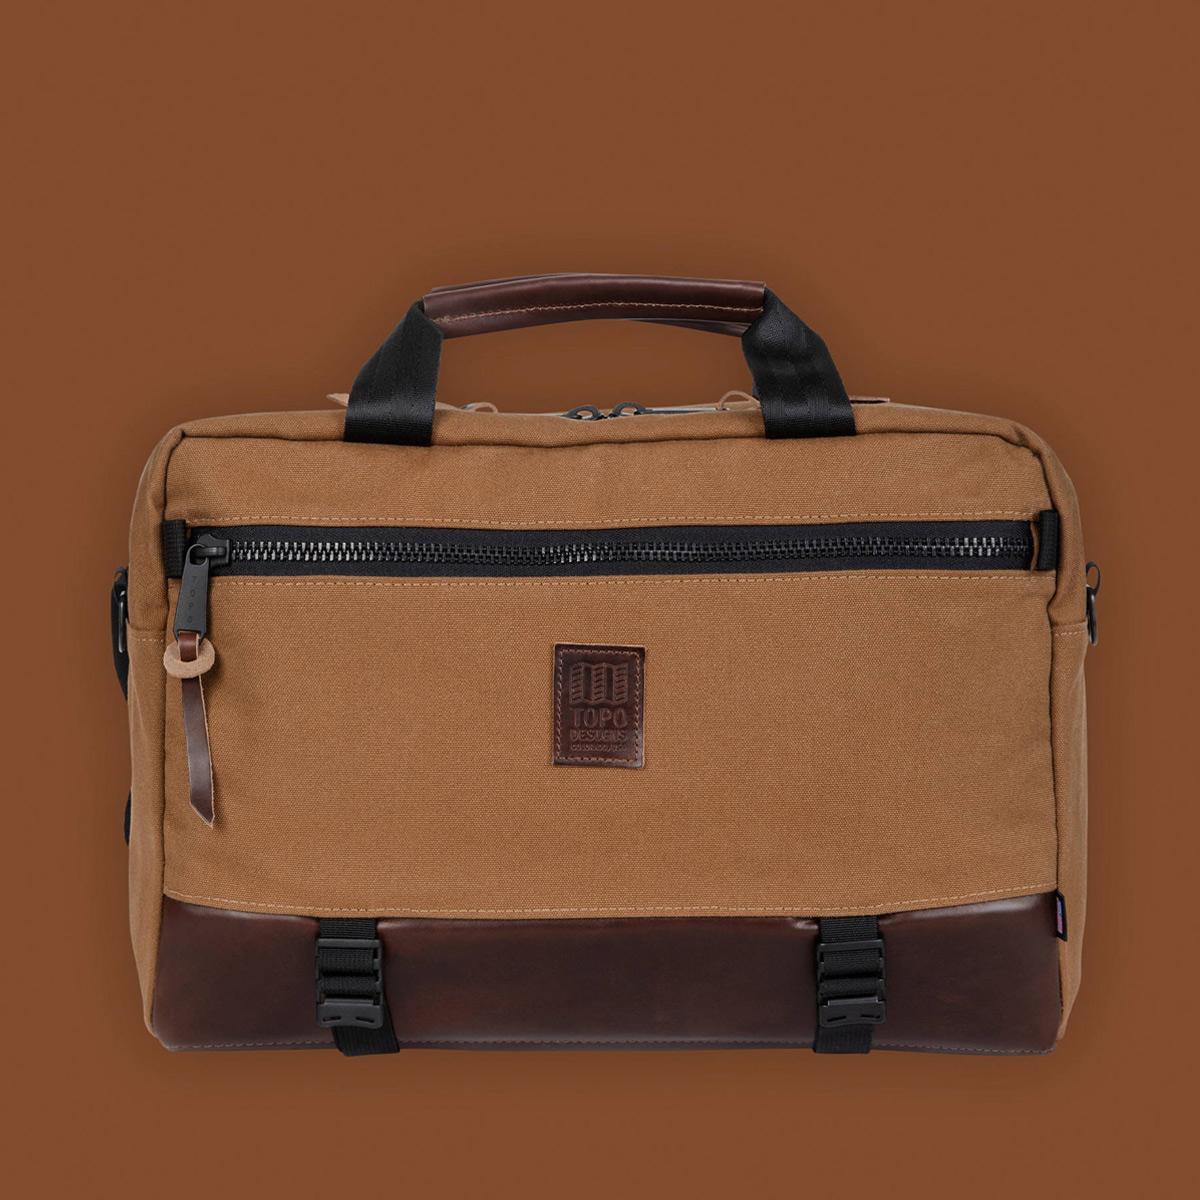 Topo Designs Commuter Briefcase Heritage Dark Khaki Canvas/Dark Brown Leather, kies tussen drie draagstijlen